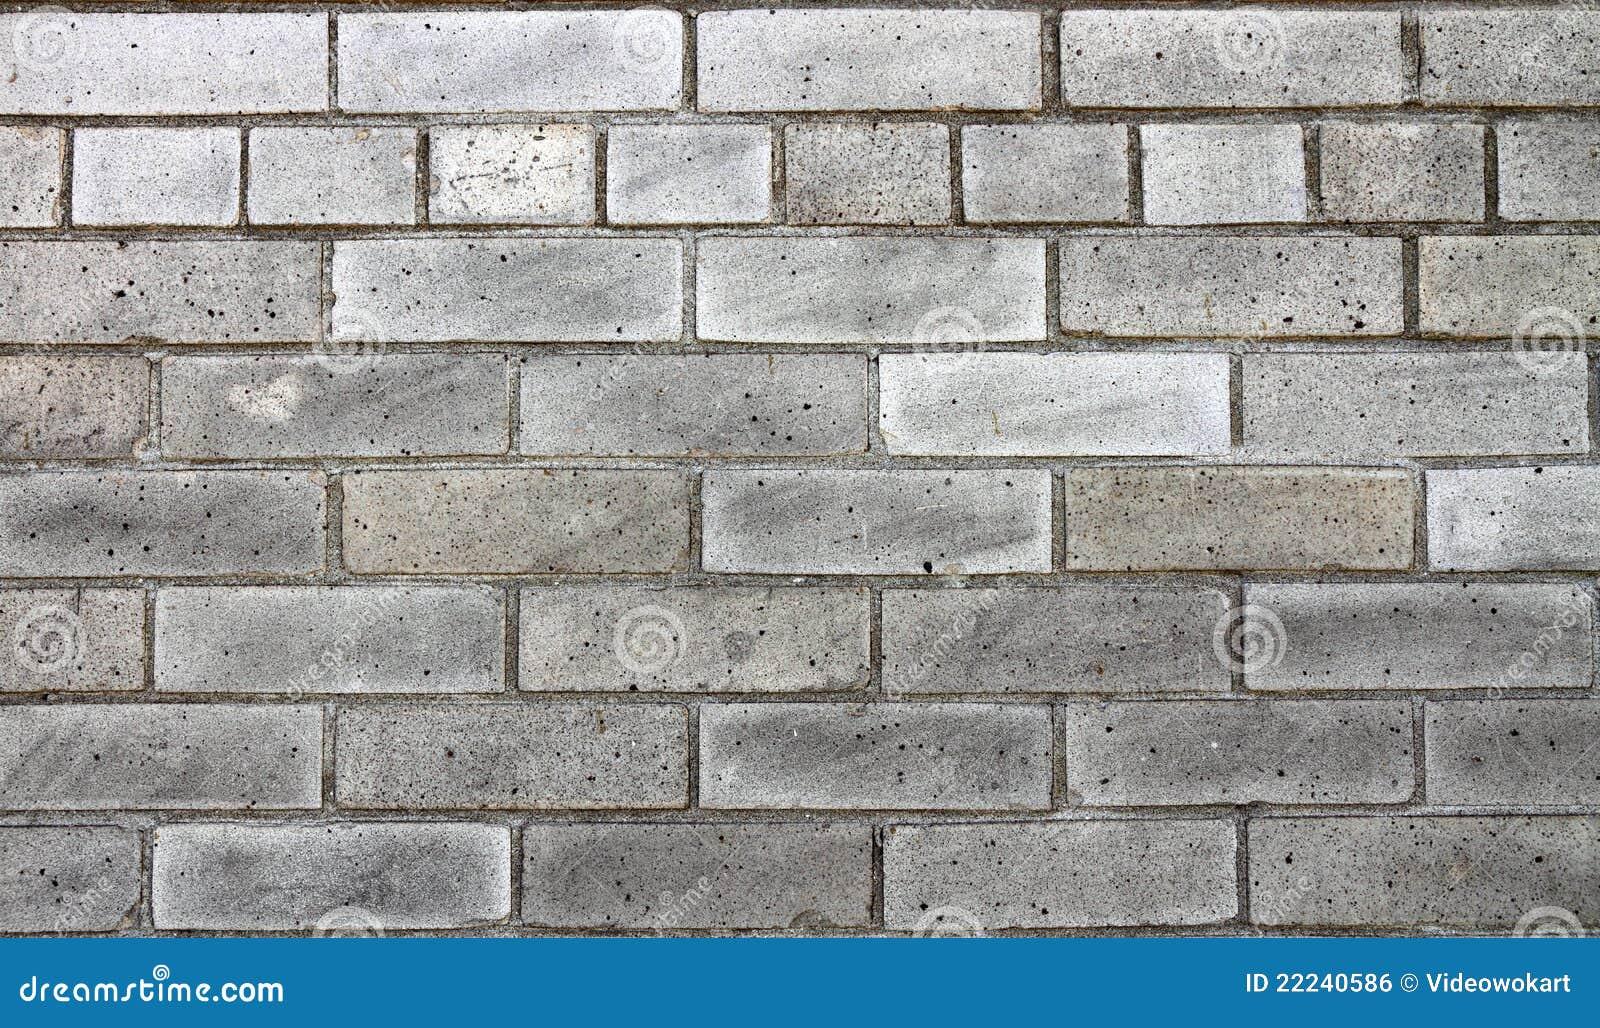 Un Mur De Briques Gris Photo Stock Image Du Type Gris